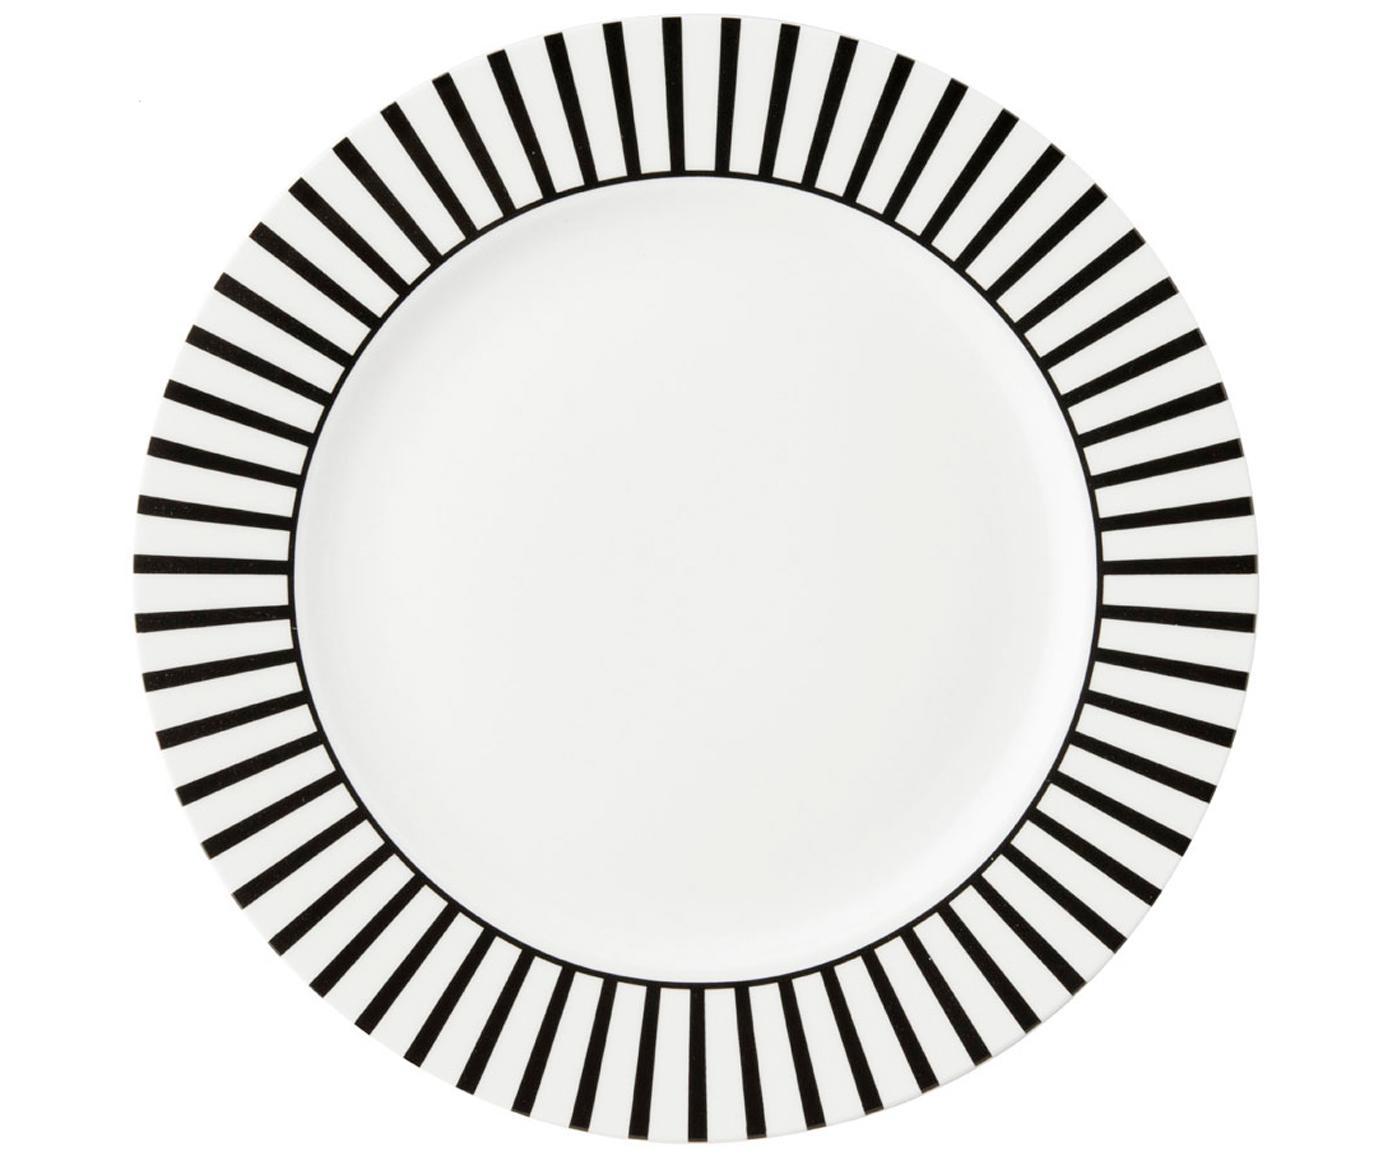 Piatto da colazione Ceres Loft 4 pz, Porcellana, Bianco, nero, Ø 21 x Alt. 2 cm